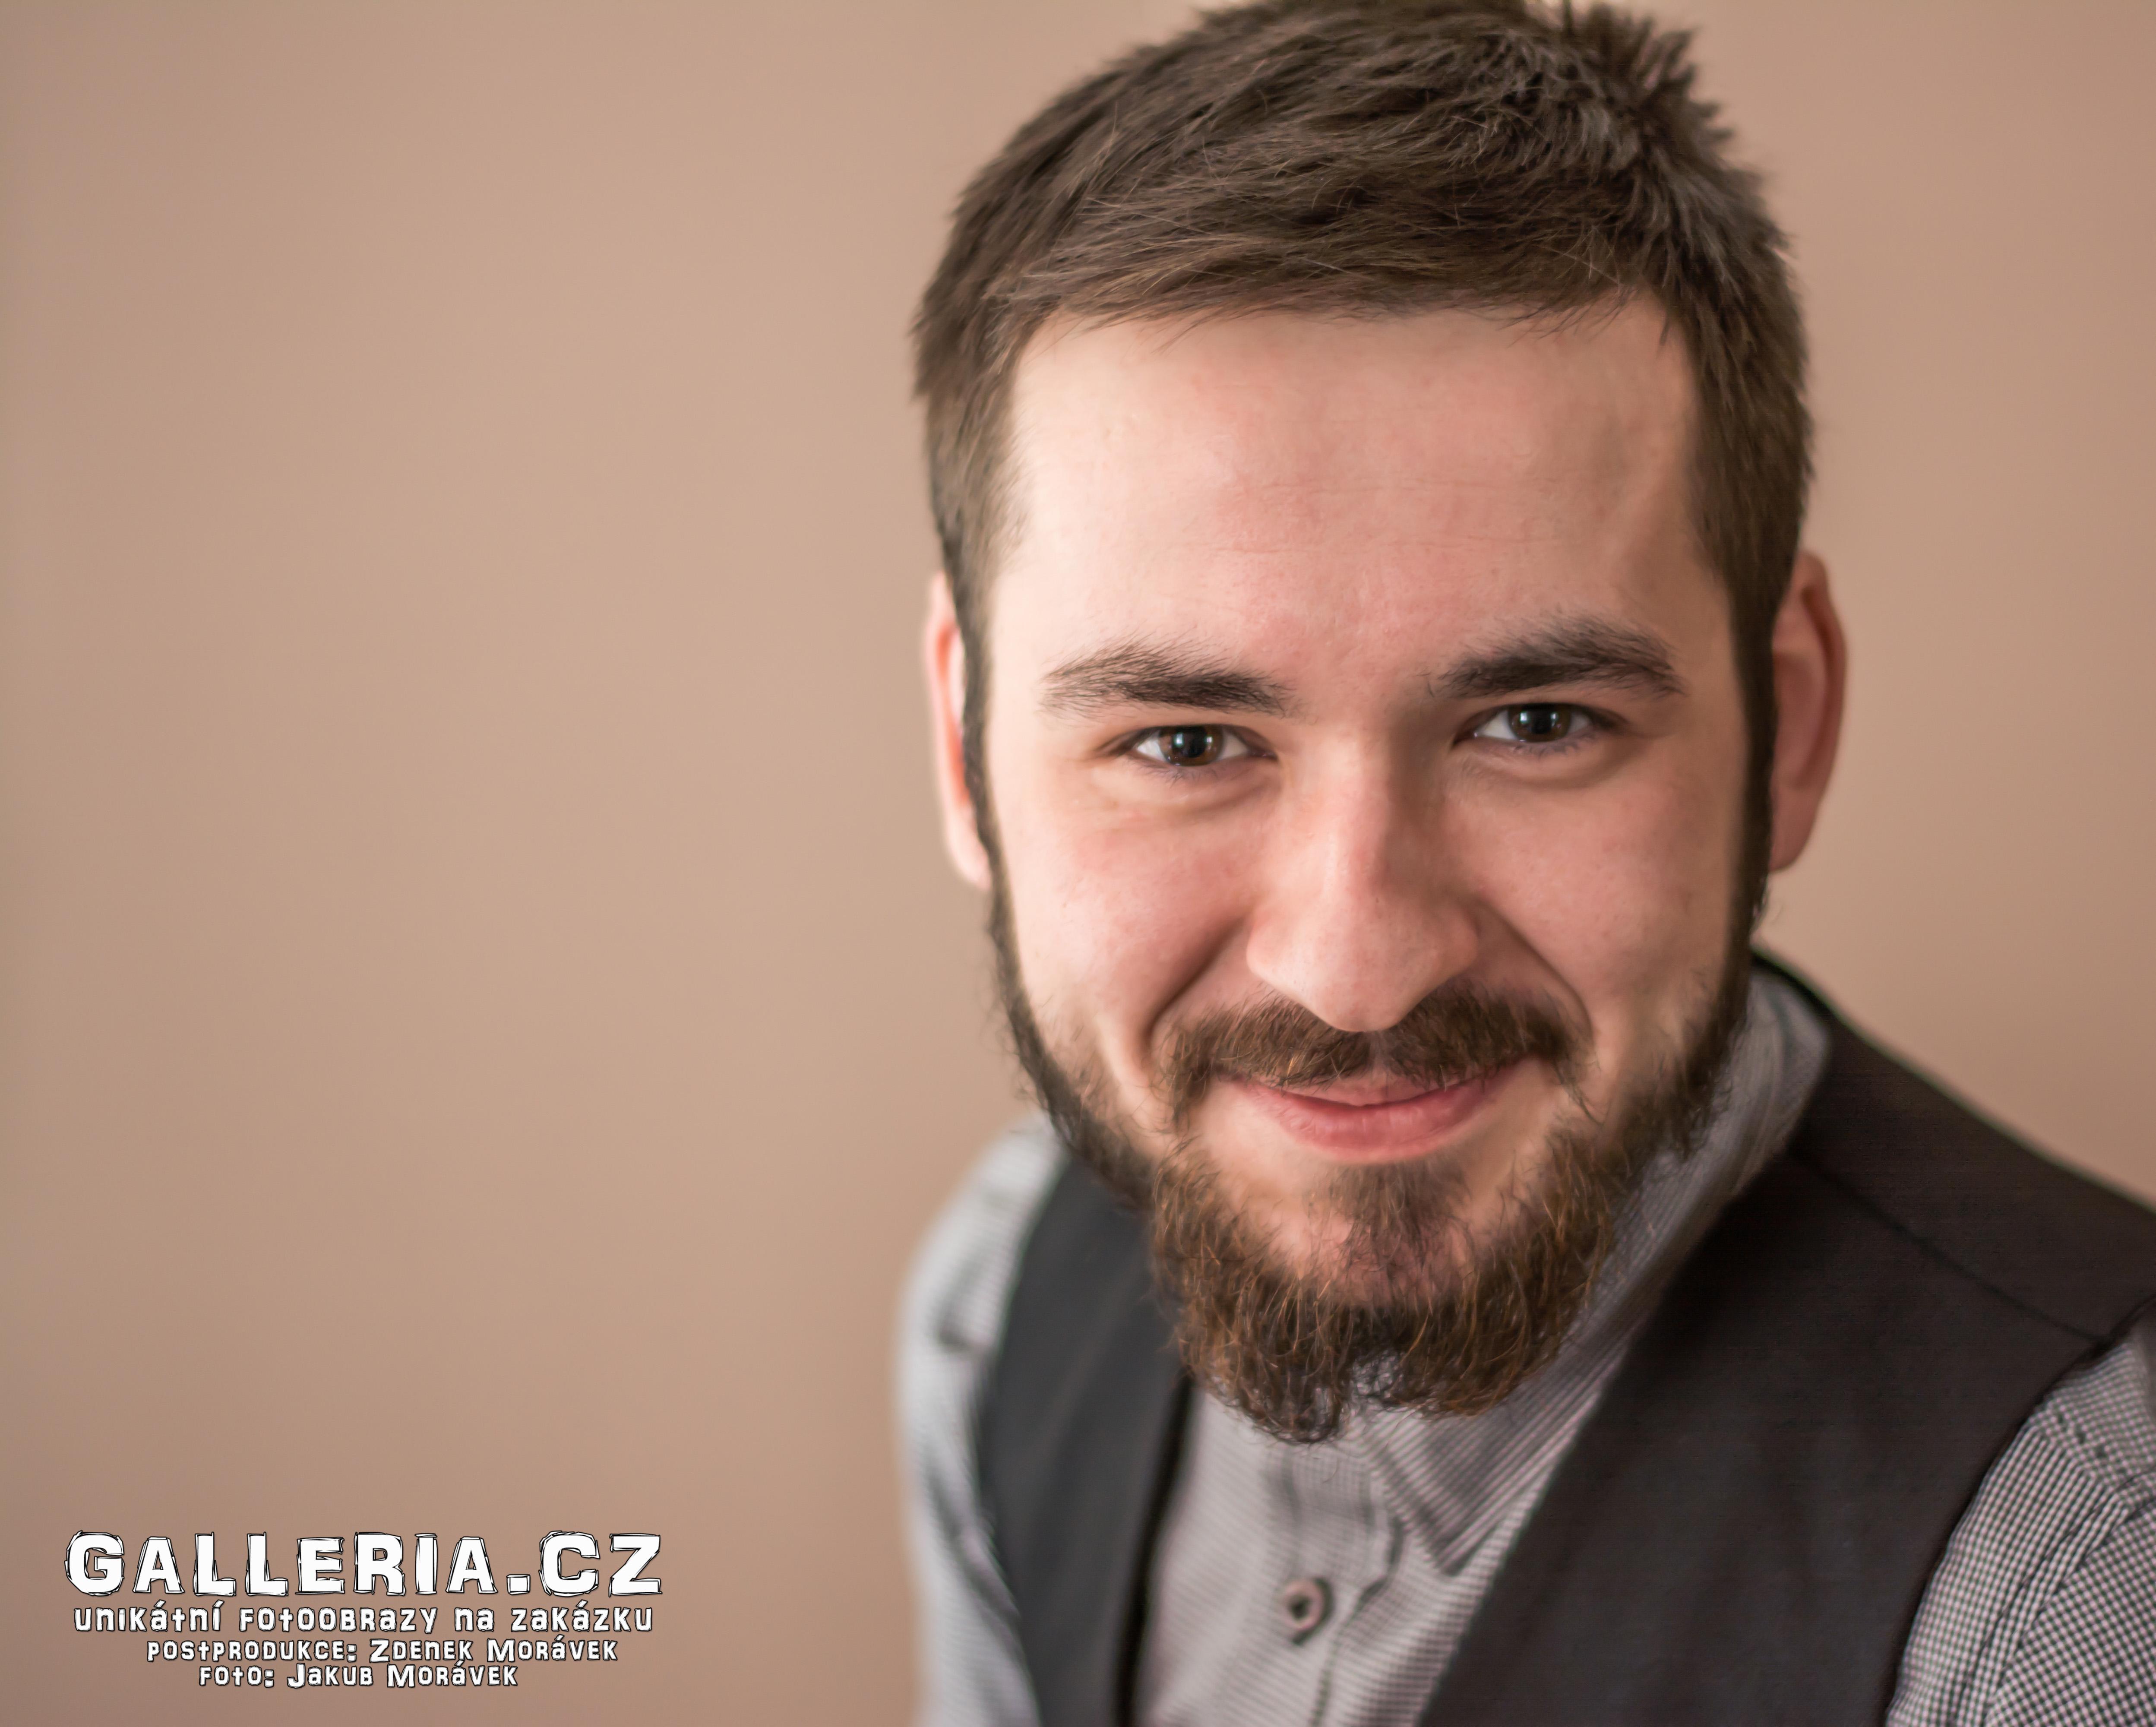 Portrétní fotograf Jakub Morávek grafik zdenek morávek fotoateliér pakoměřice portrét Kuby W.-20